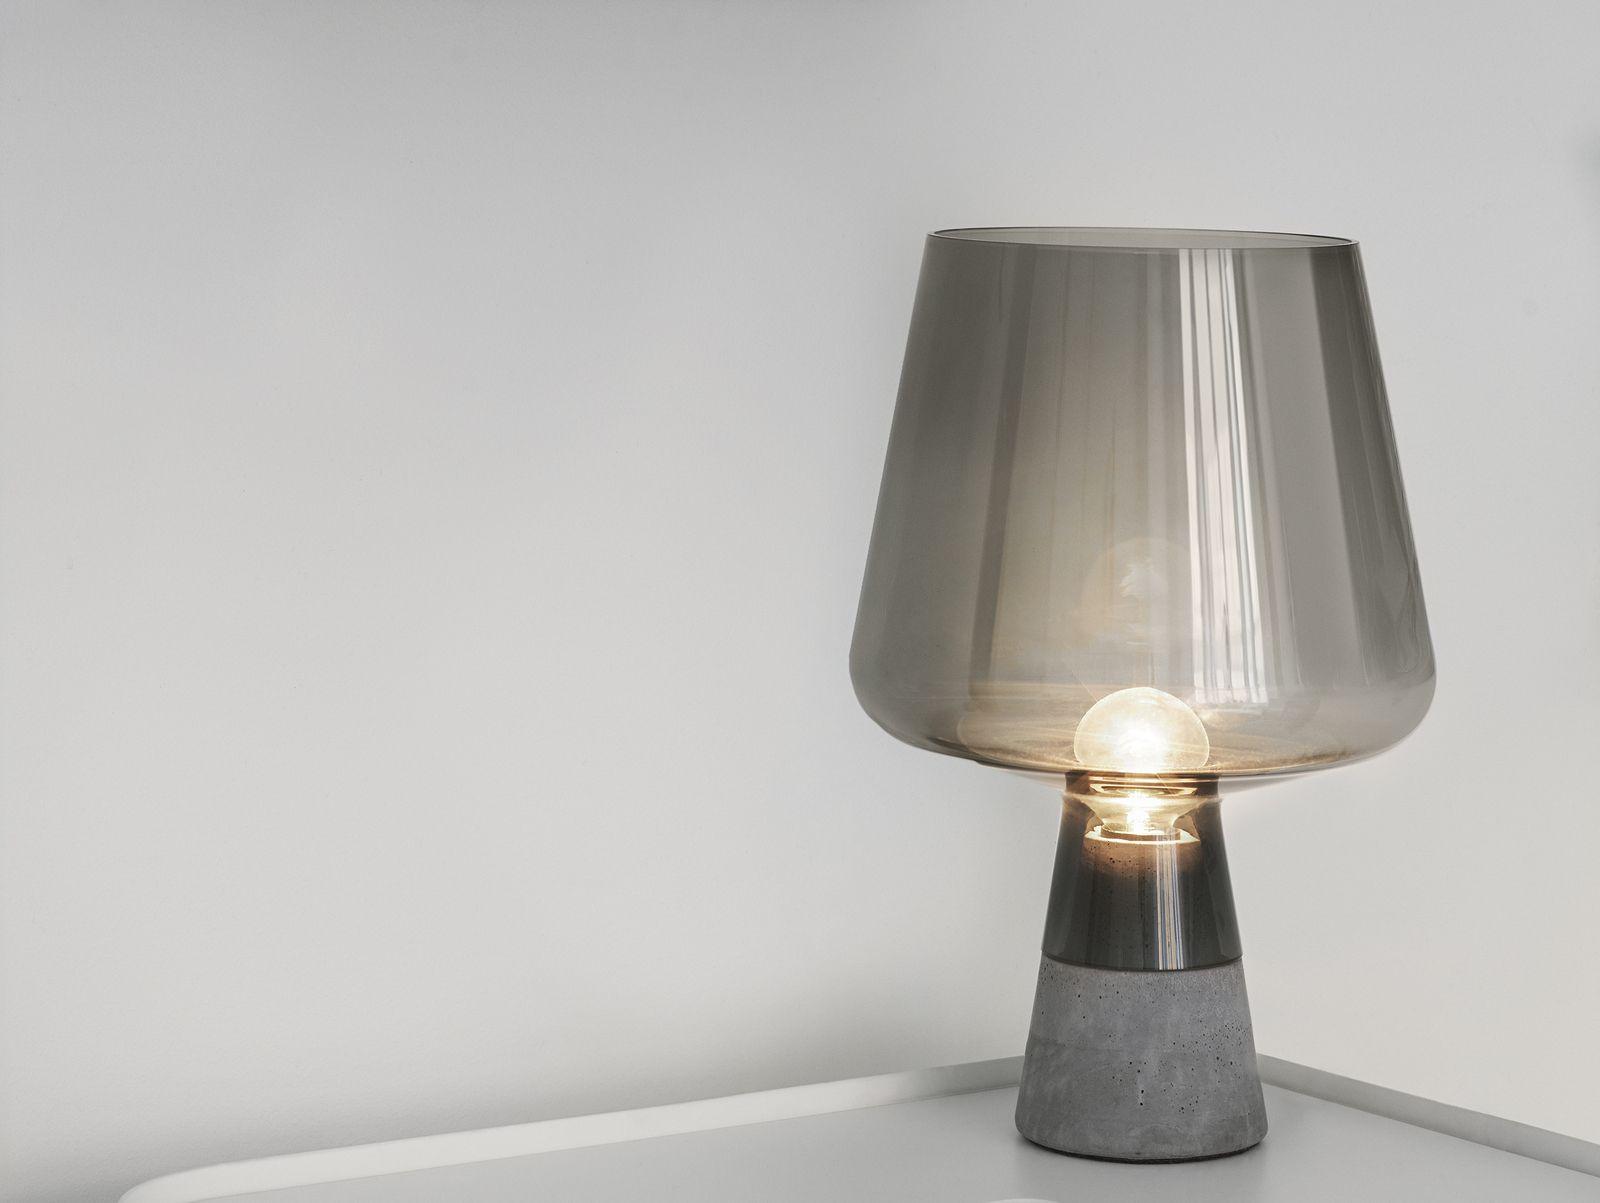 Lampade In Vetro Colorate : Lampade con disegni ecco quali sono e dove trovarle